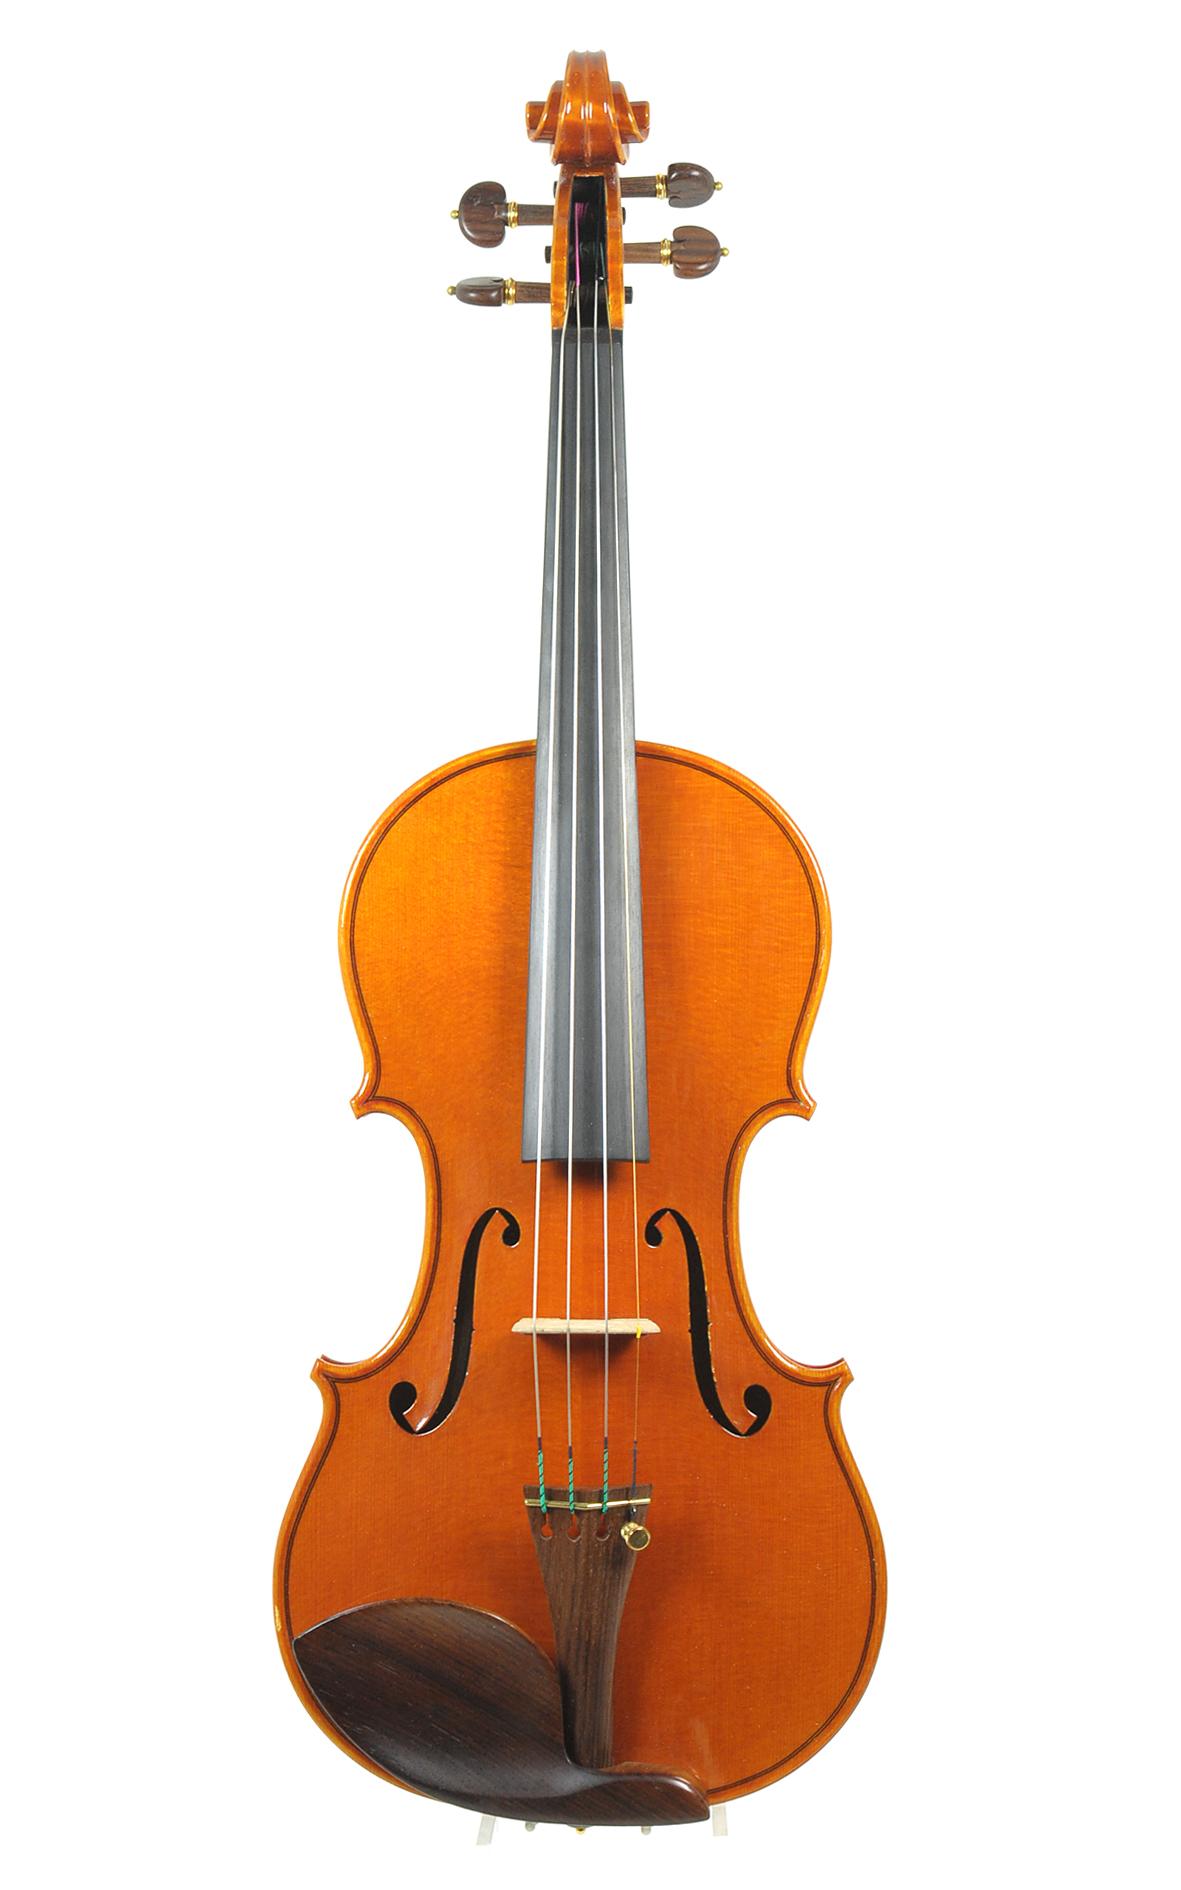 Cremona violin by Daniele Scolari